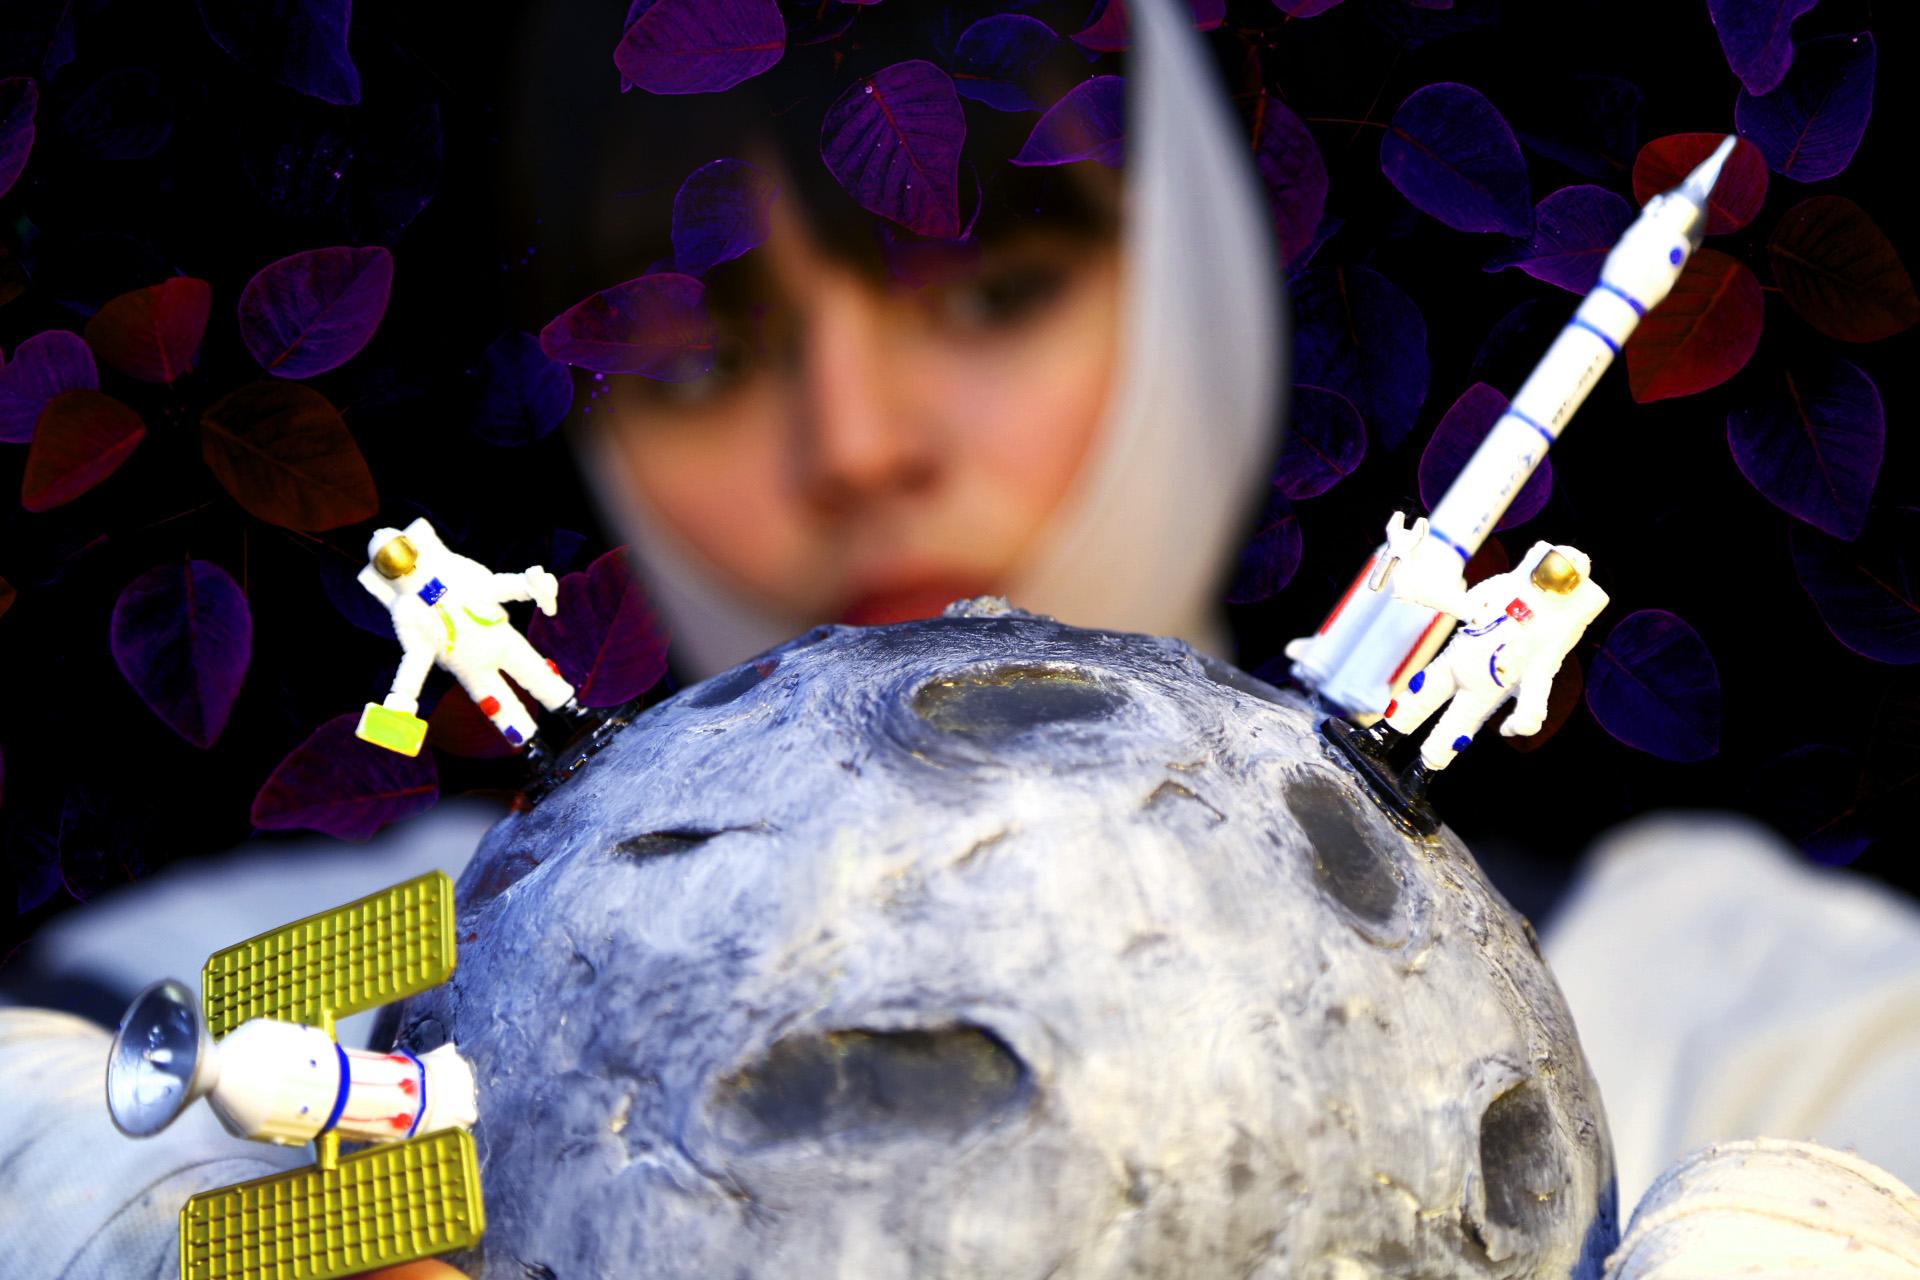 Vuelve a escena obra inspirada en Niña chilena que falleció esperando un traje confeccionado por la NASA